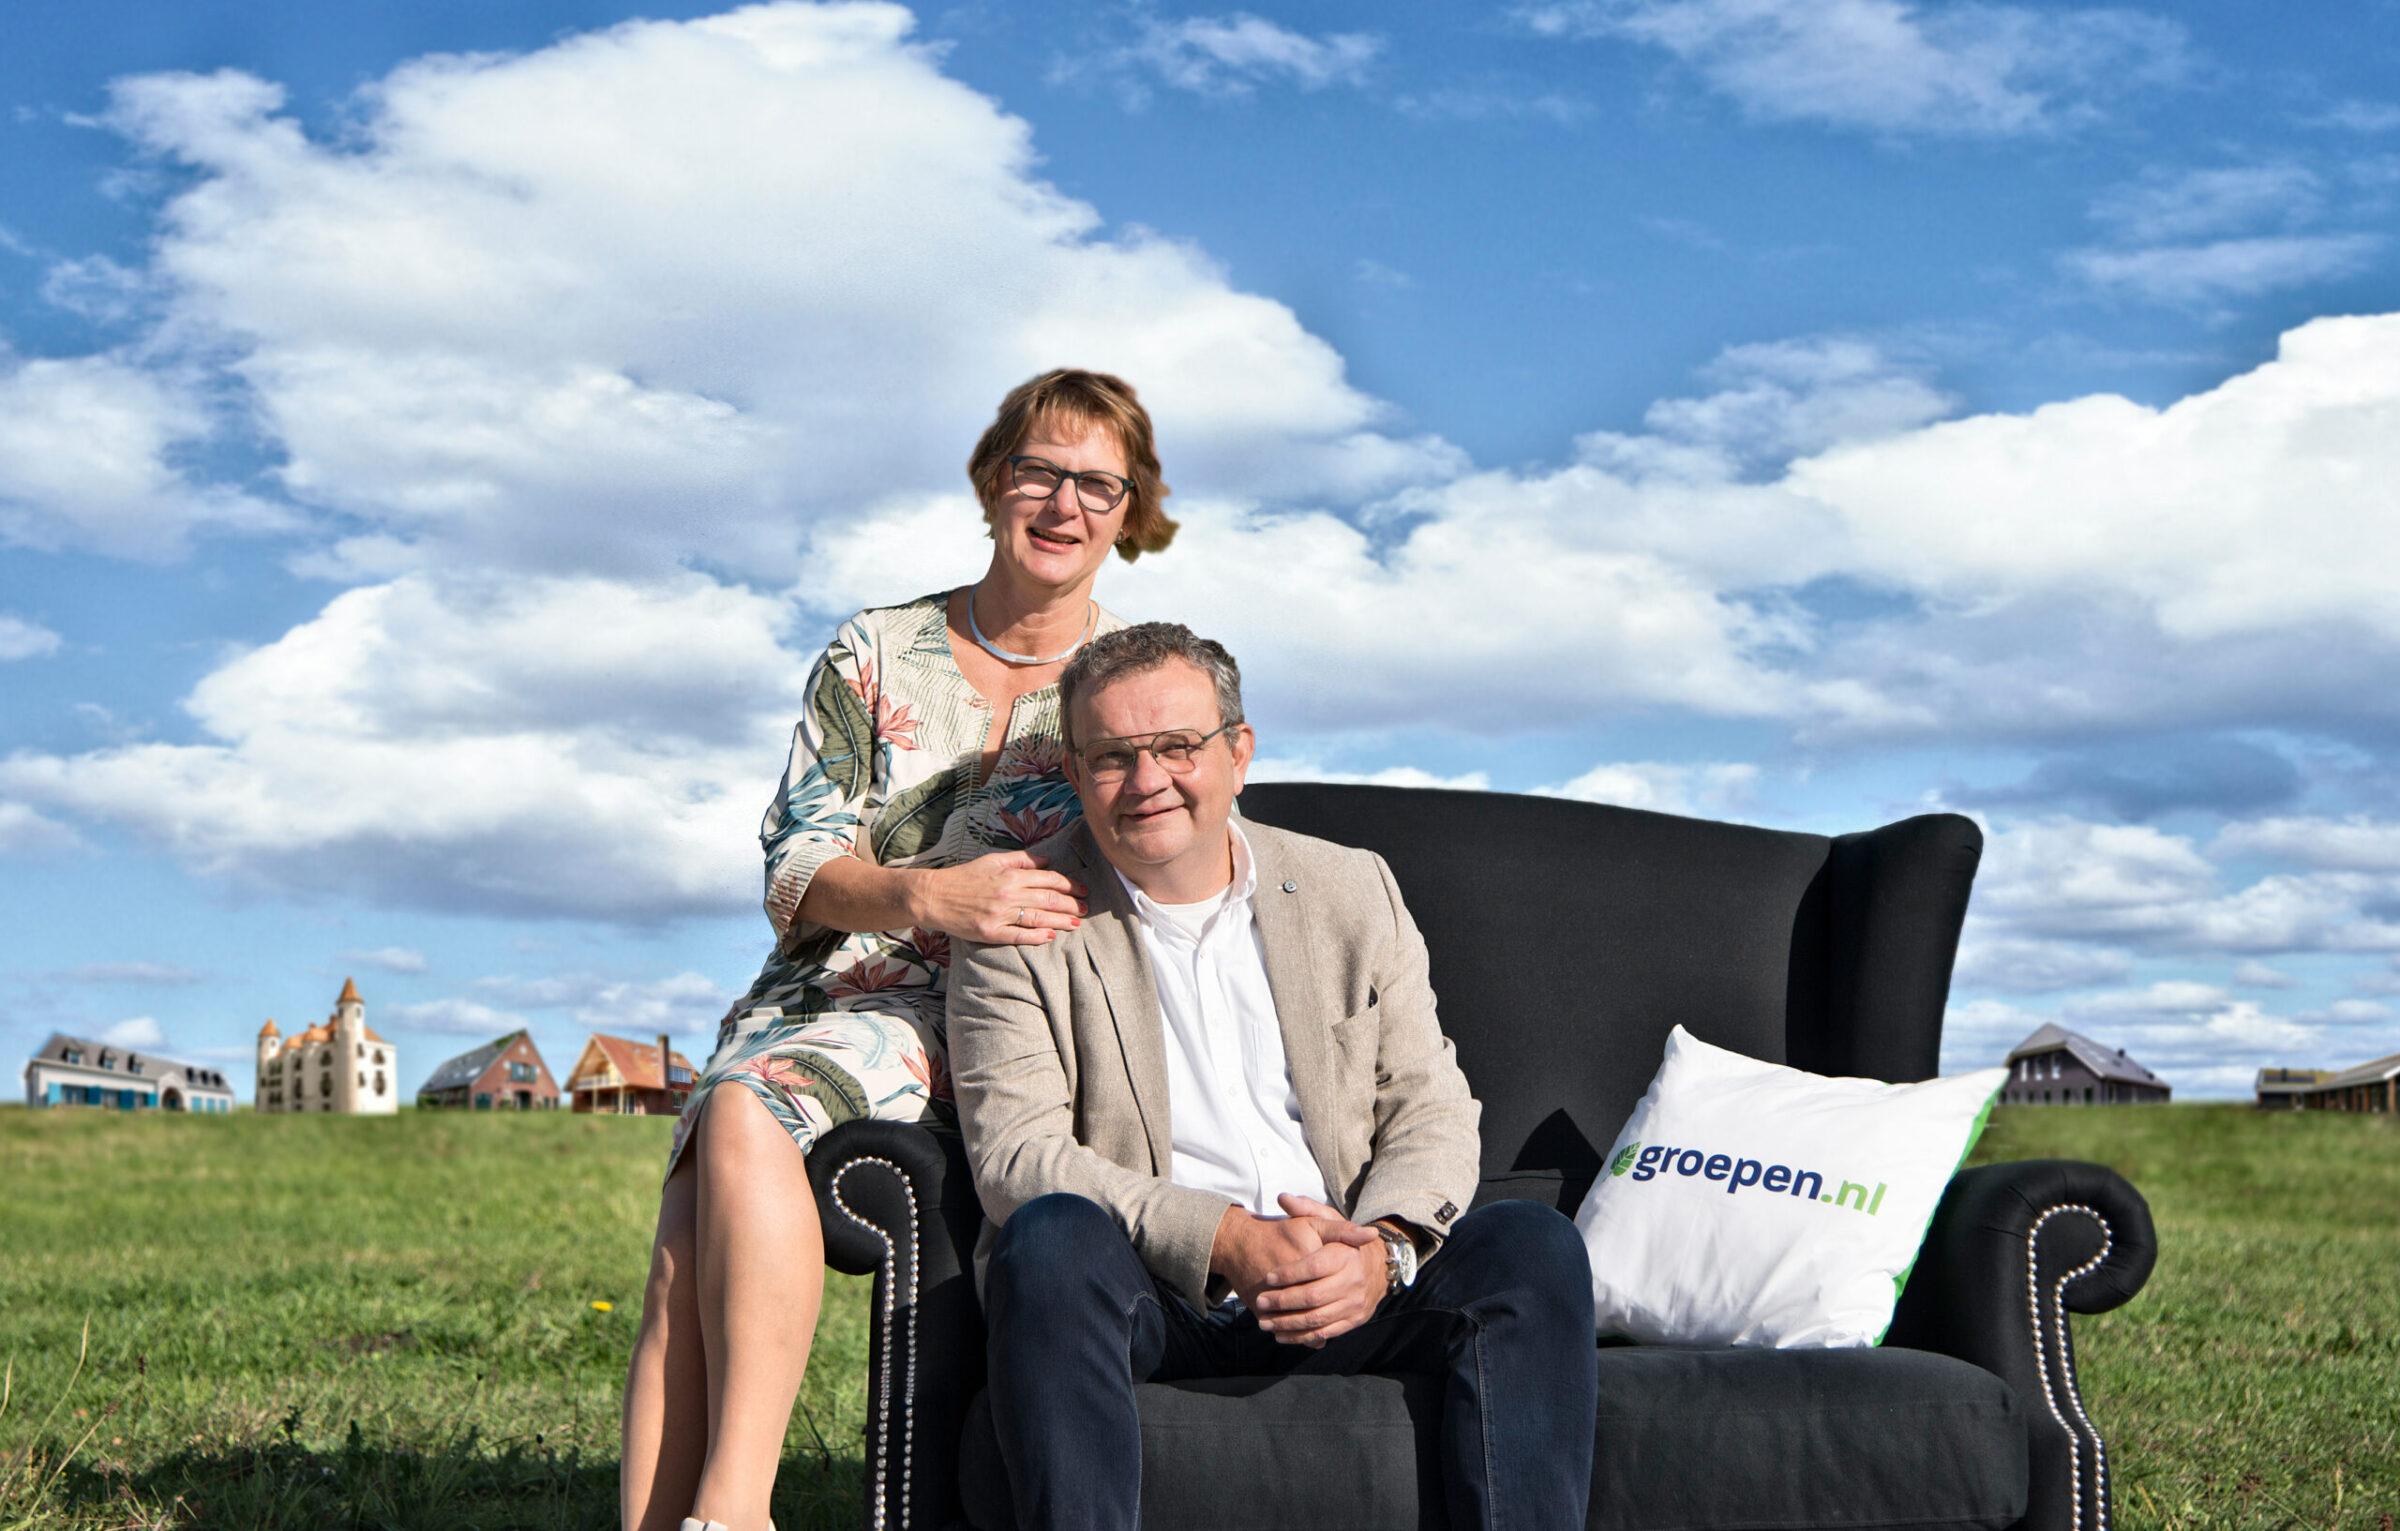 Groepen.nl schakelde Marktlink en Dealsuite voor hun verkooptransactie